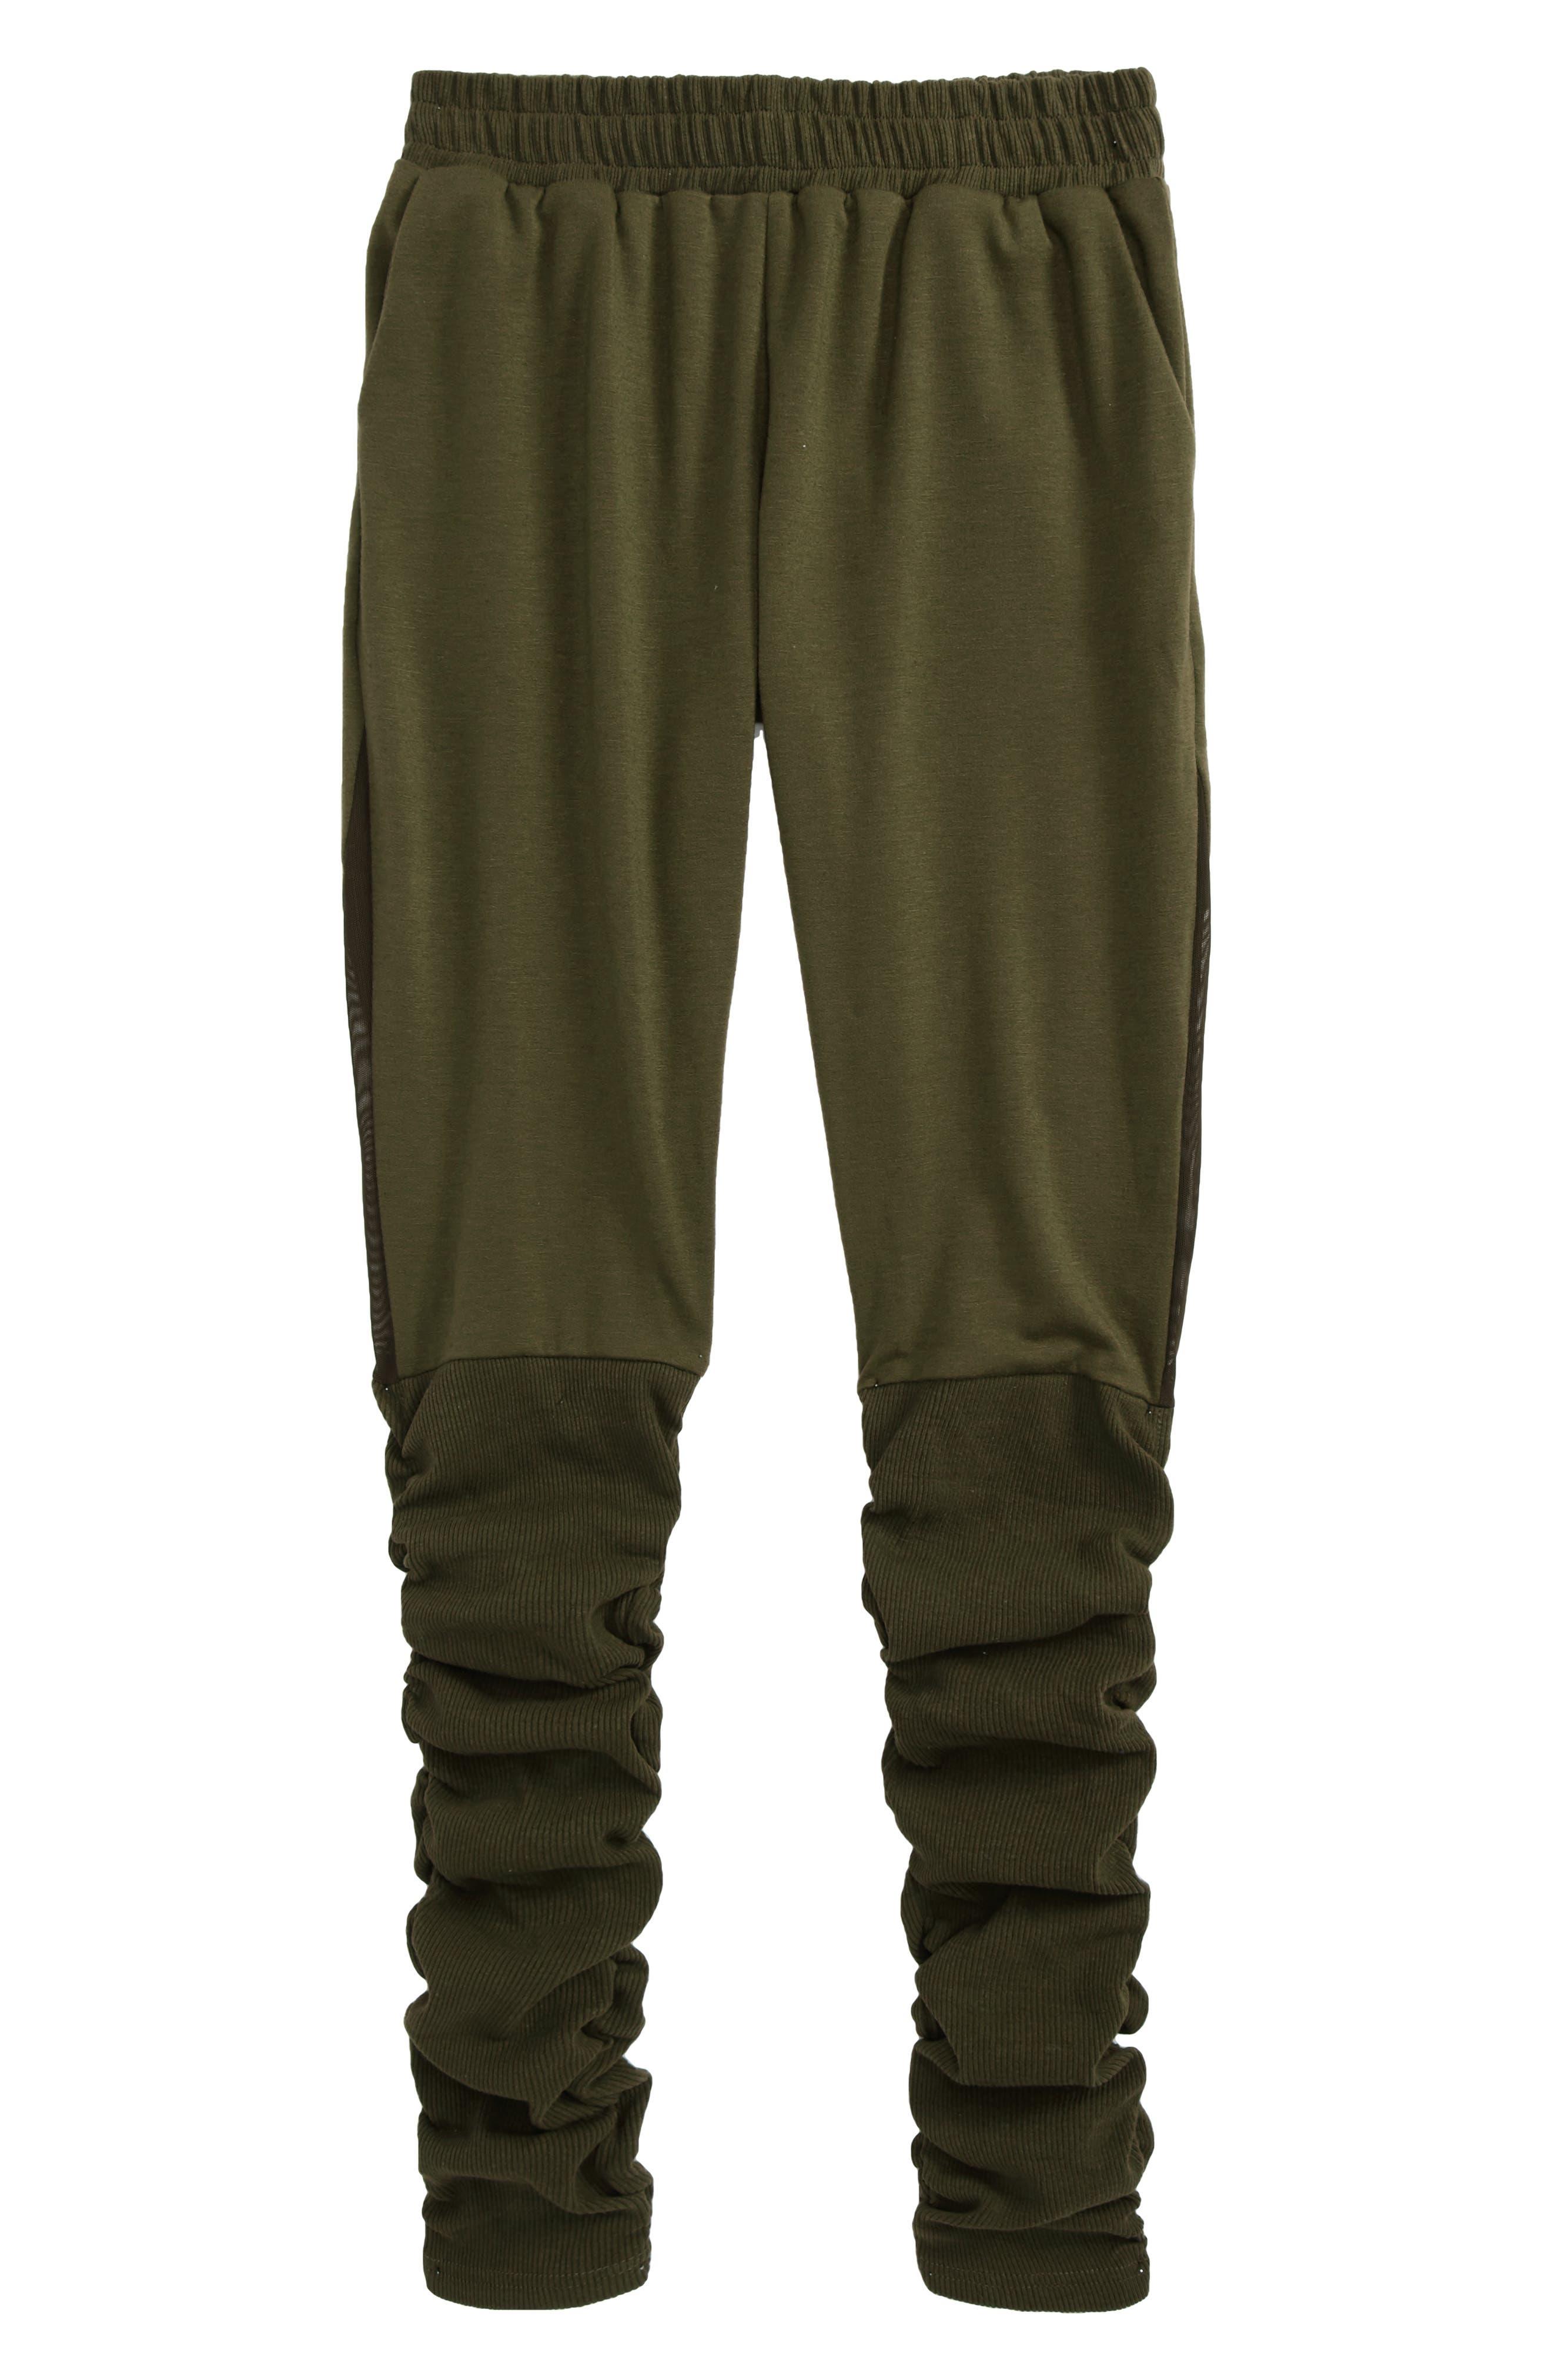 Winona Sweatpants,                         Main,                         color, Olive